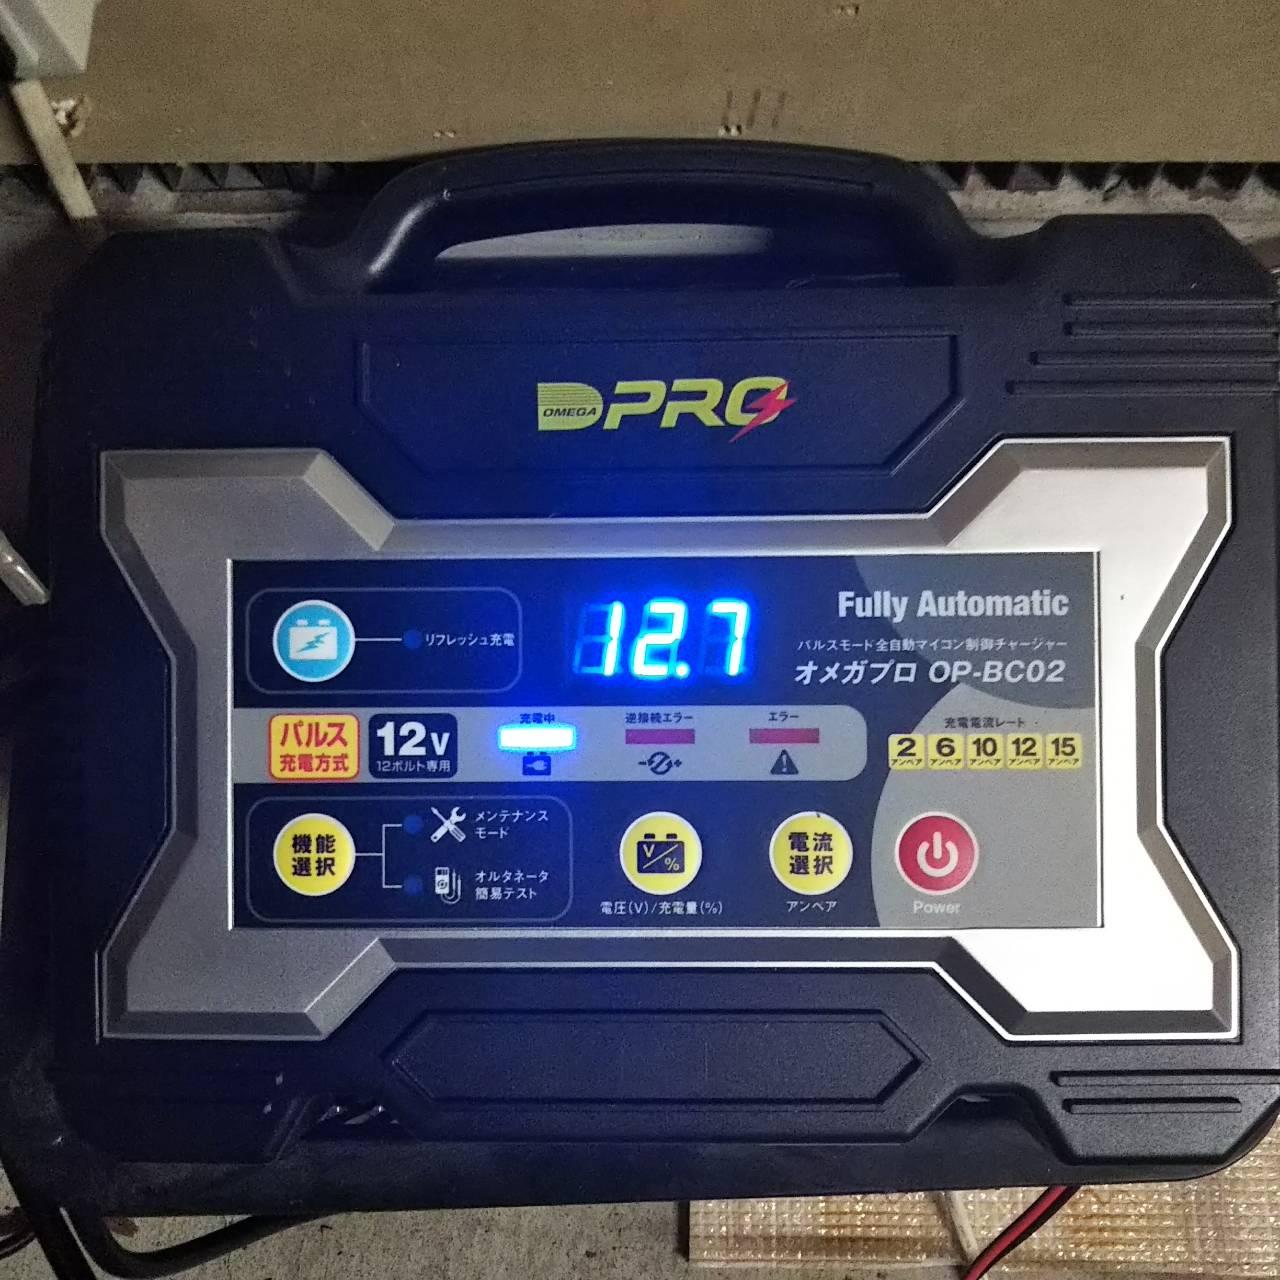 OMEGA PRO 全自動パルスモードバッテリーチャージャー